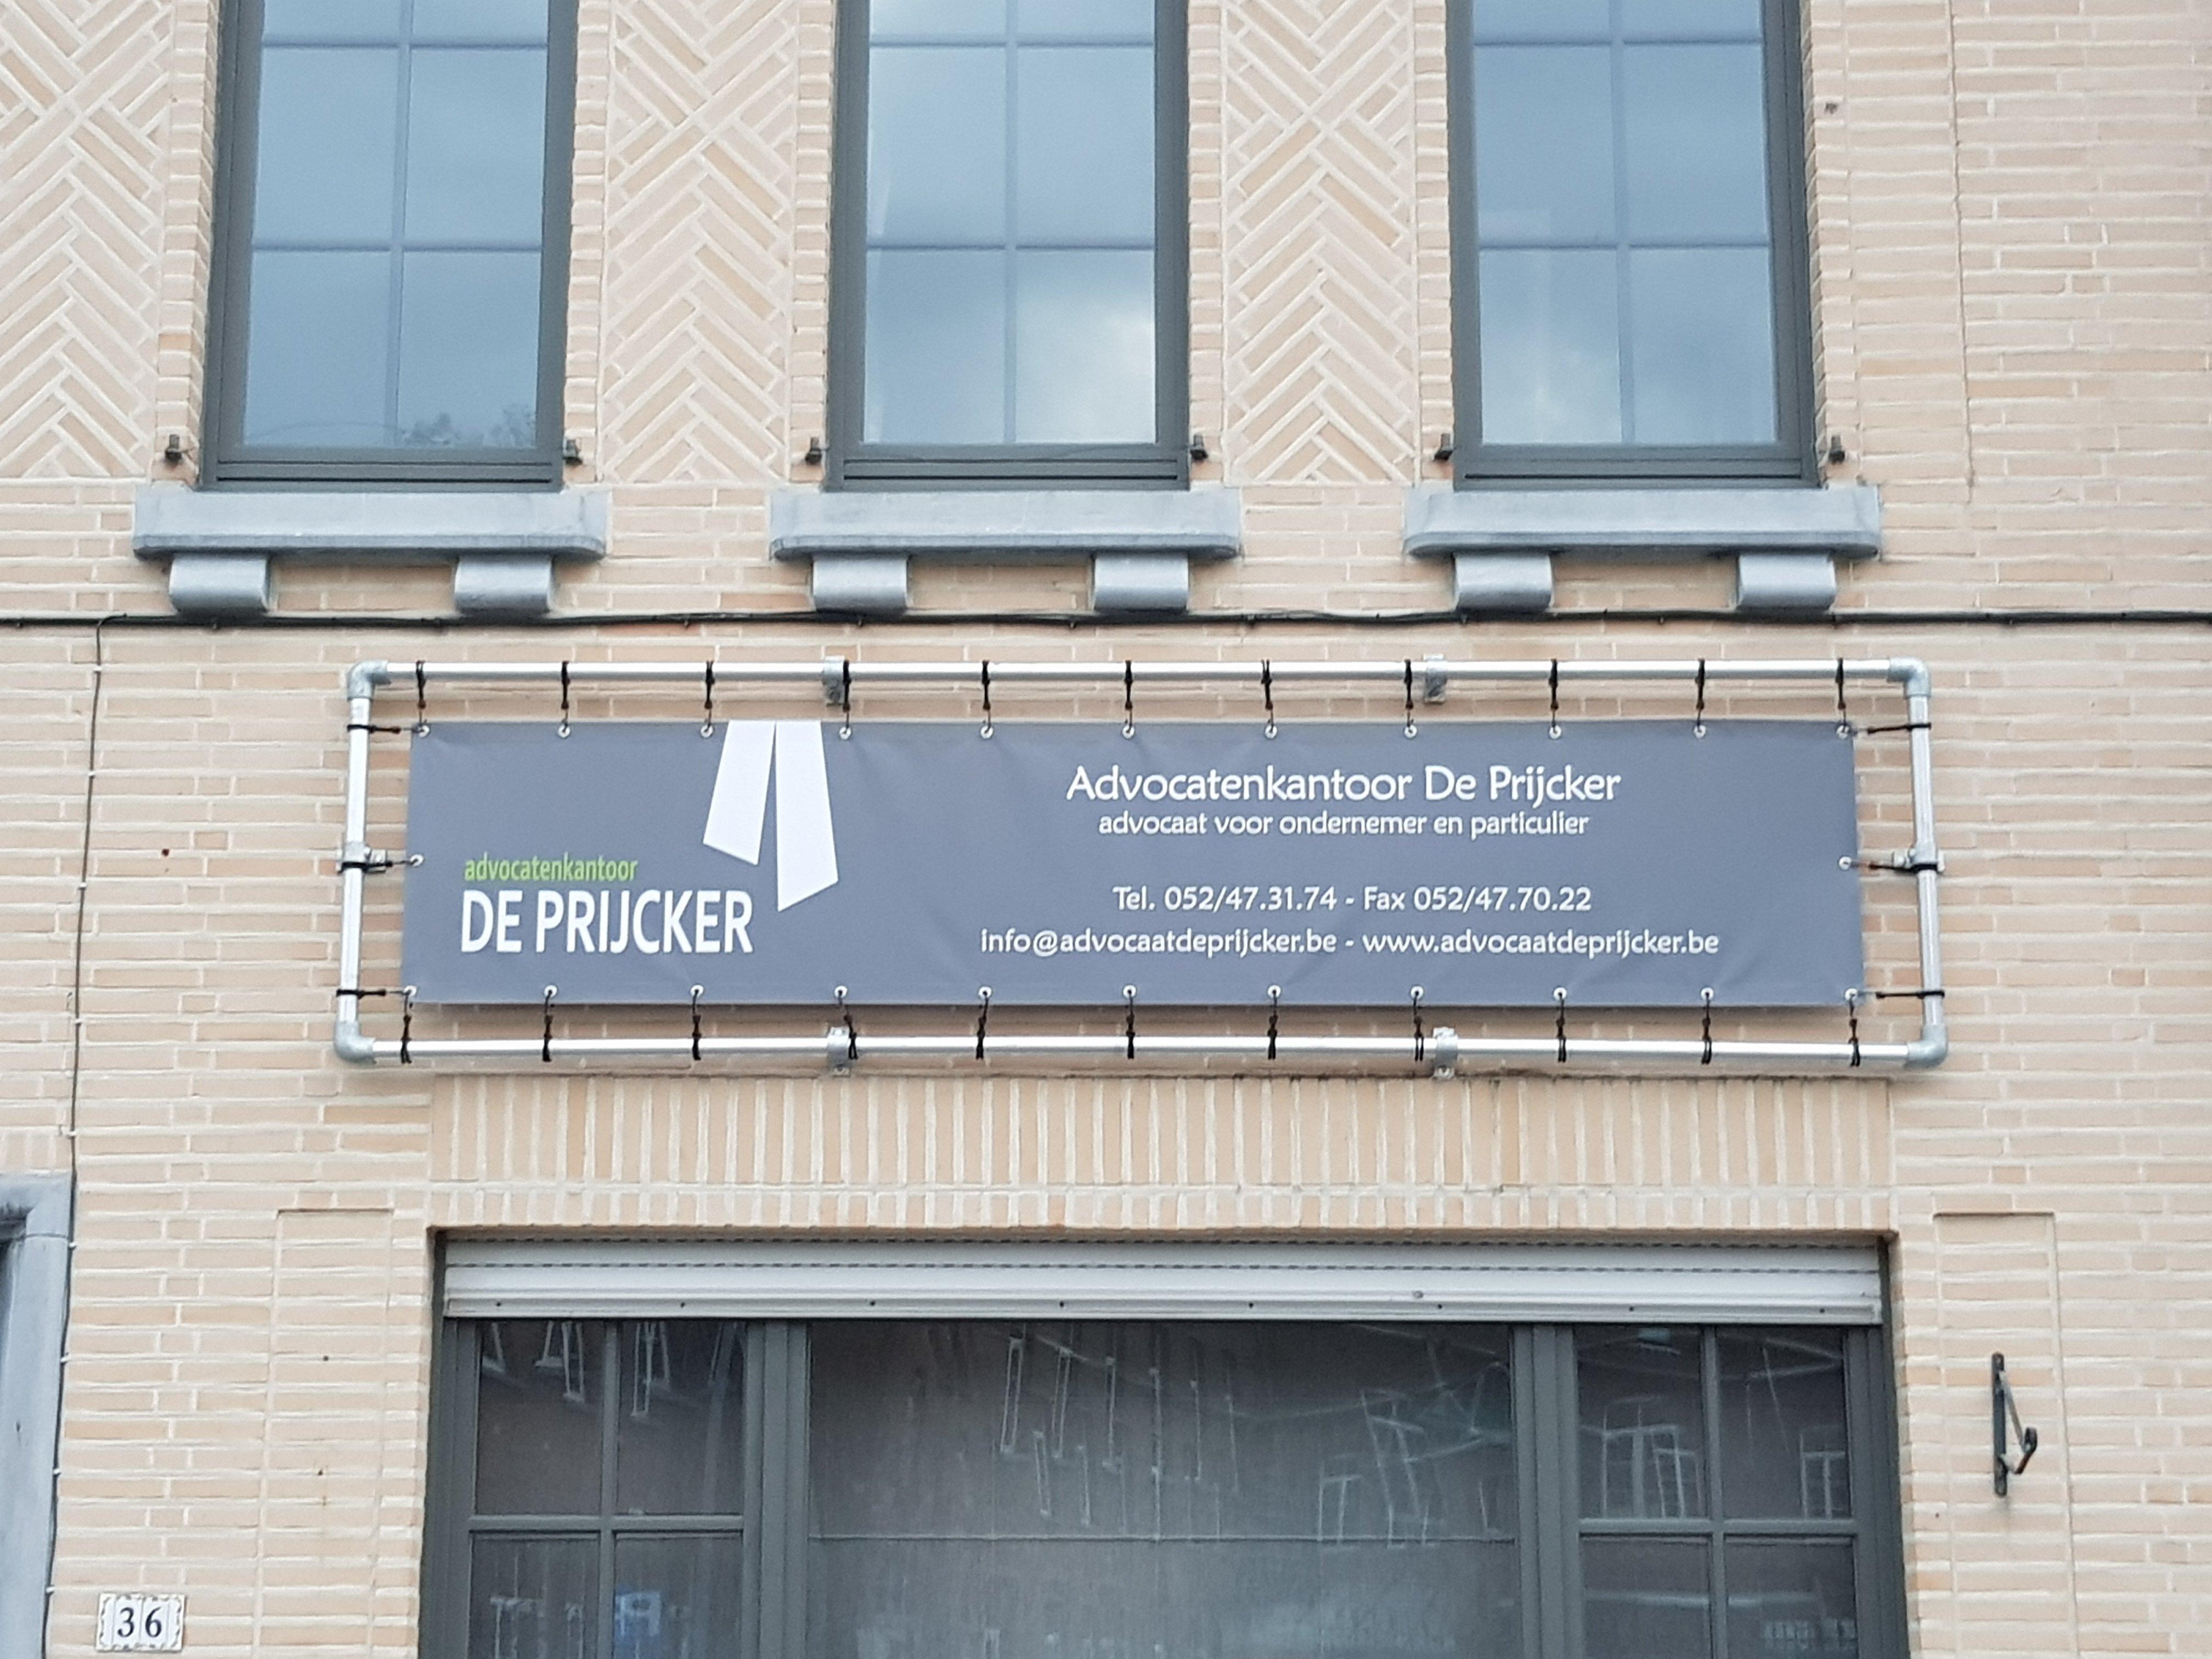 Advocatenkantoor De Prijcker